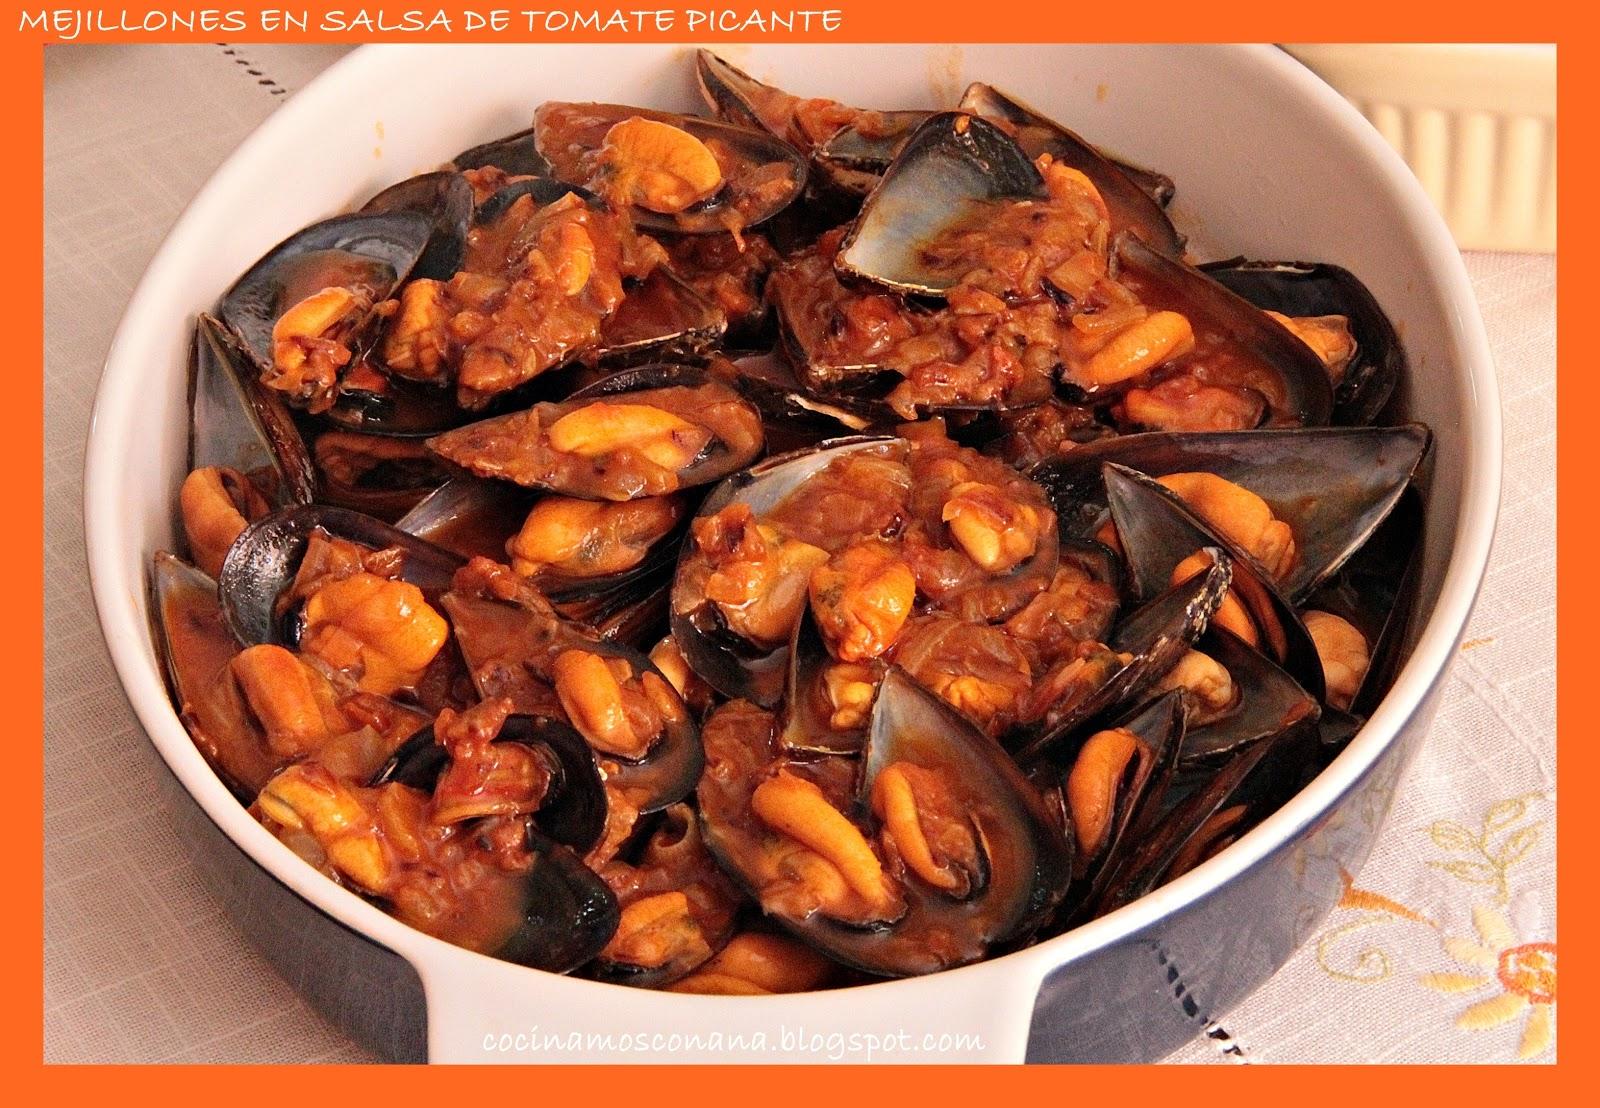 Hoy me apetece cocinar mejillones al vapor en salsa de for Cocinar mejillones en salsa